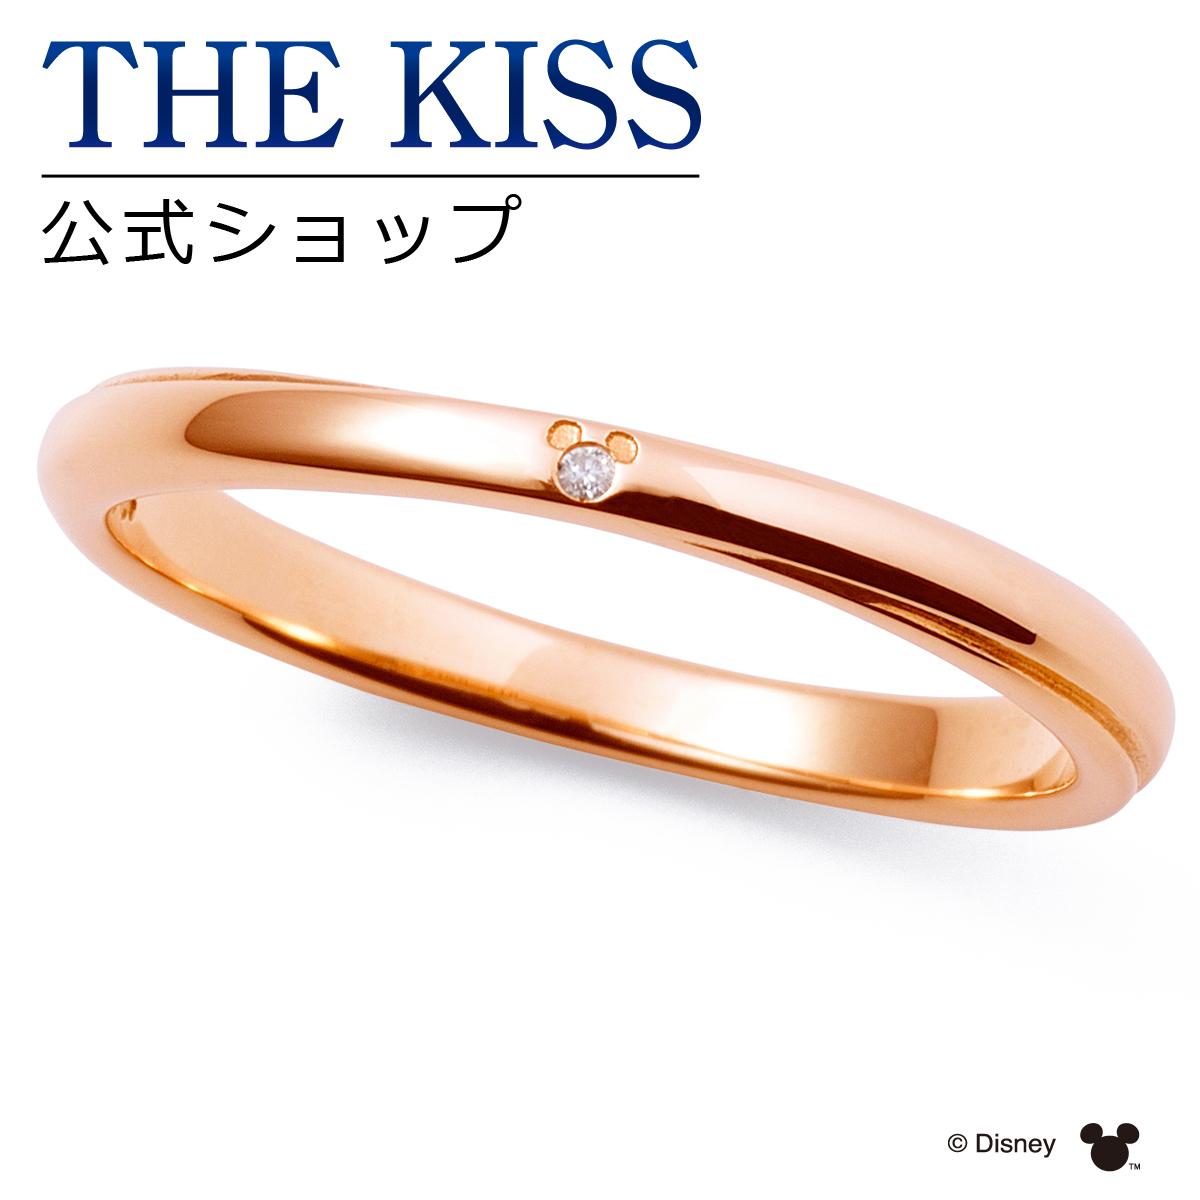 【あす楽対応】【ディズニーコレクション】 ディズニー / ペアリング / 隠れミッキーマウス / THE KISS sweets リング・指輪 K10ピンクゴールド ダイヤモンド (レディース 単品) DI-PR2704DM ザキス 【送料無料】